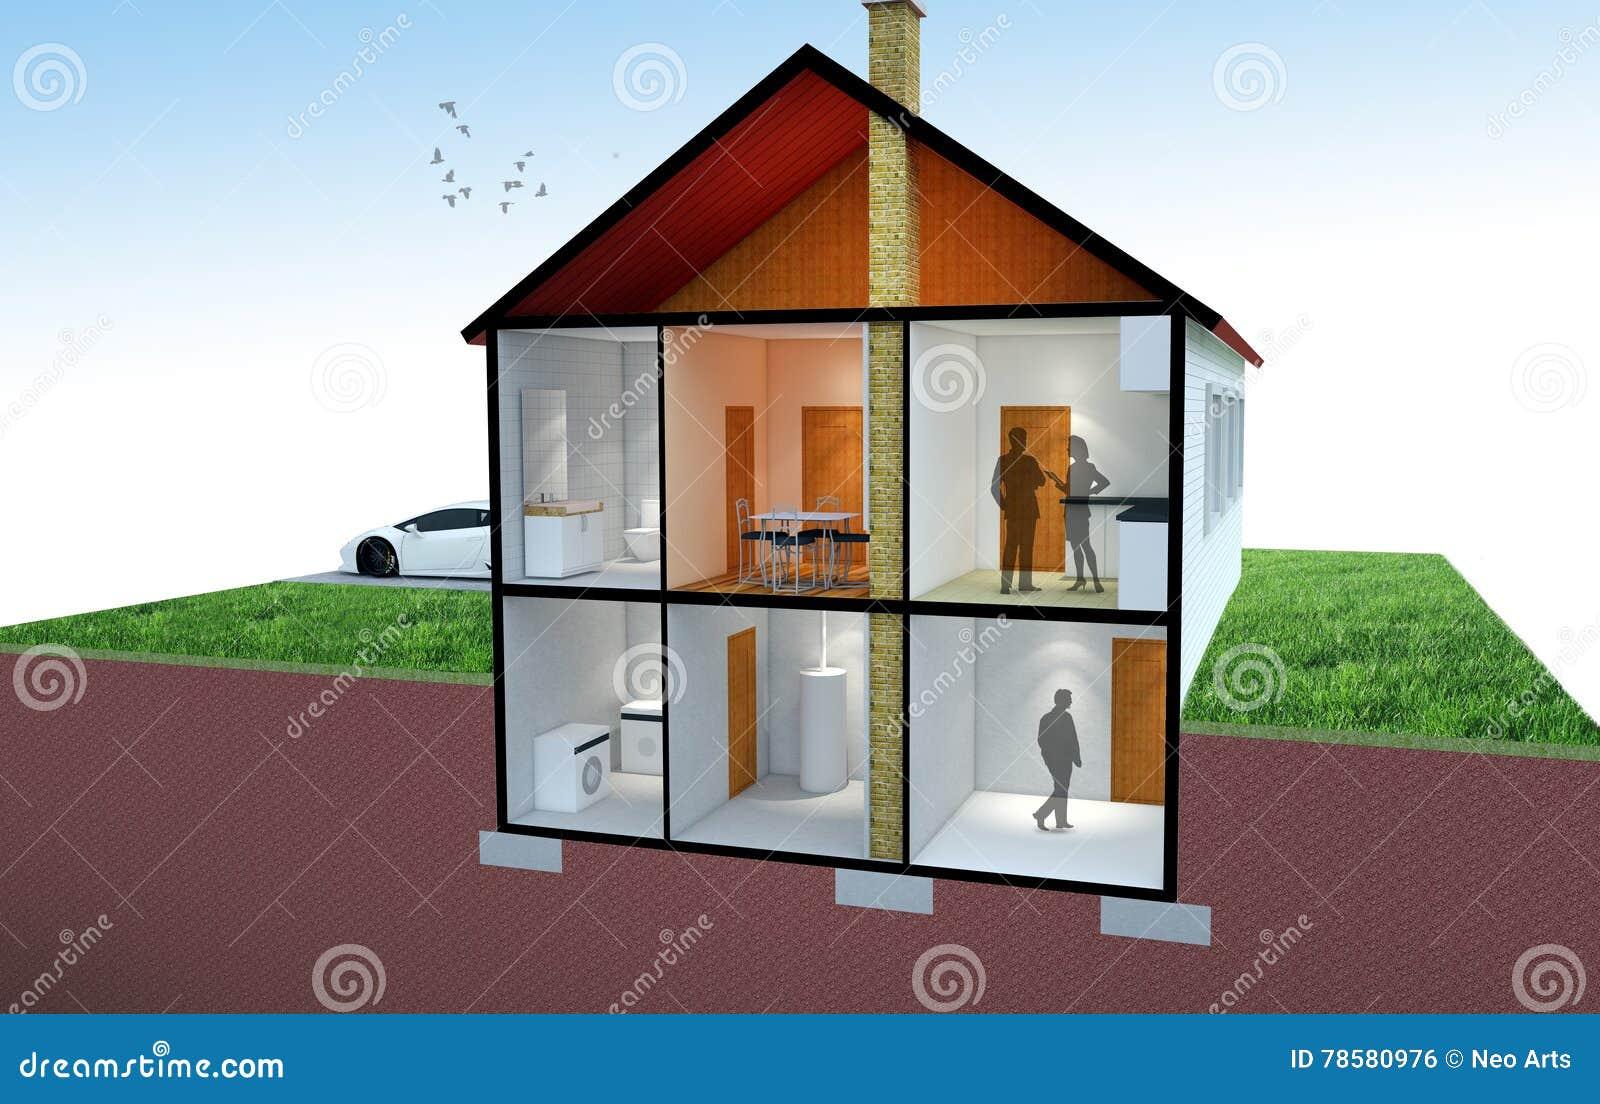 Rappresentazione 3D di una sezione della casa